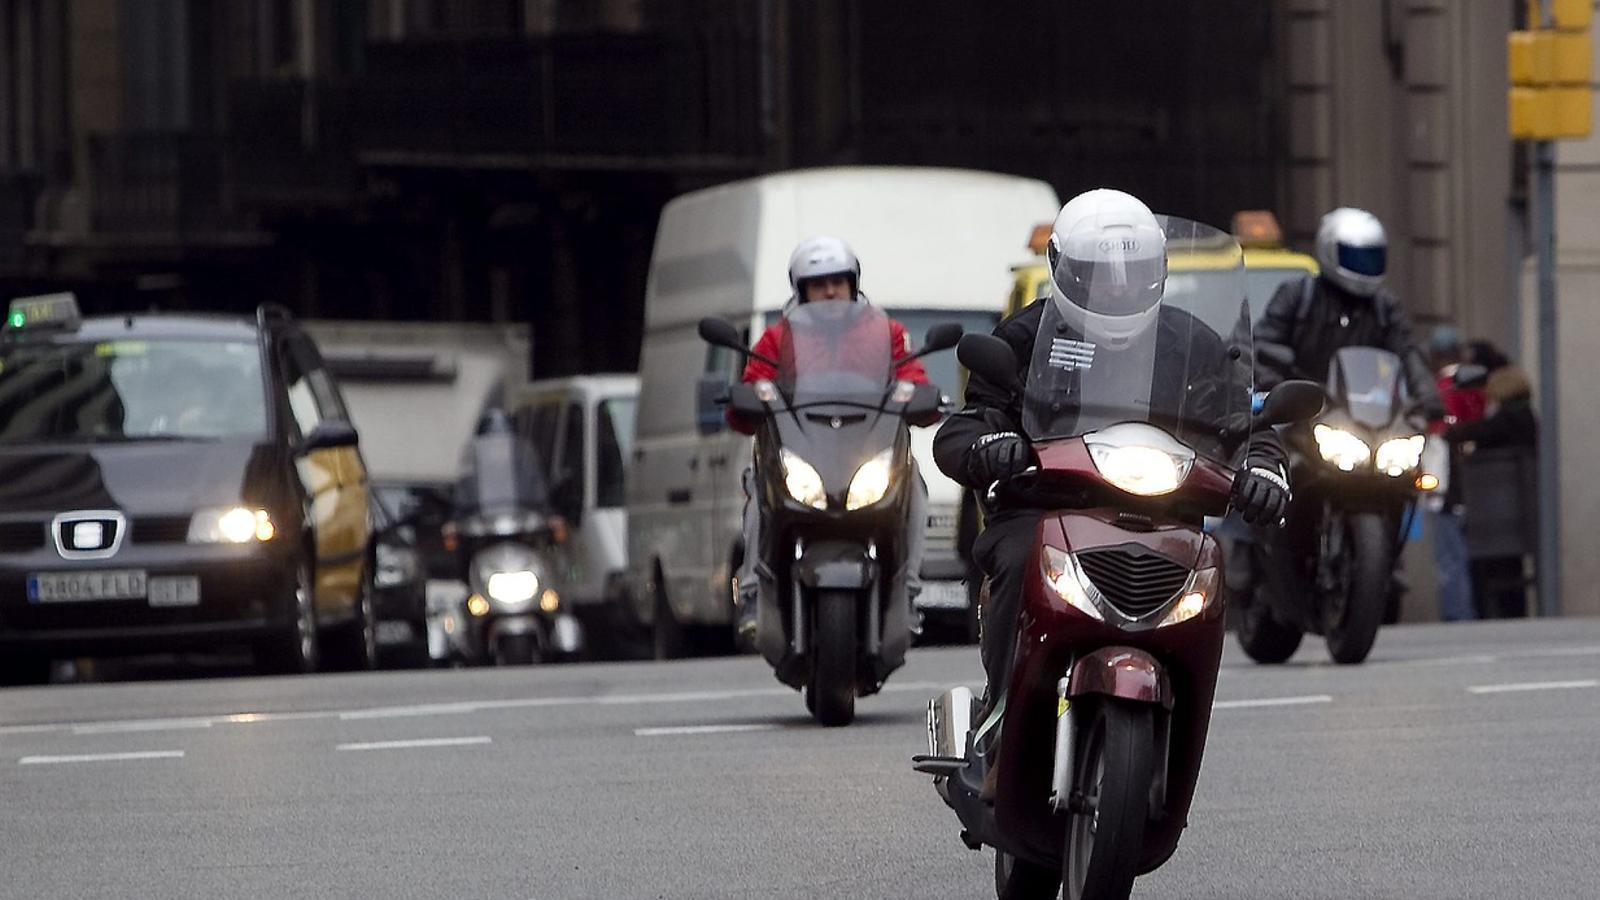 Cada tres dies mor una persona en un accident de trànsit a Catalunya